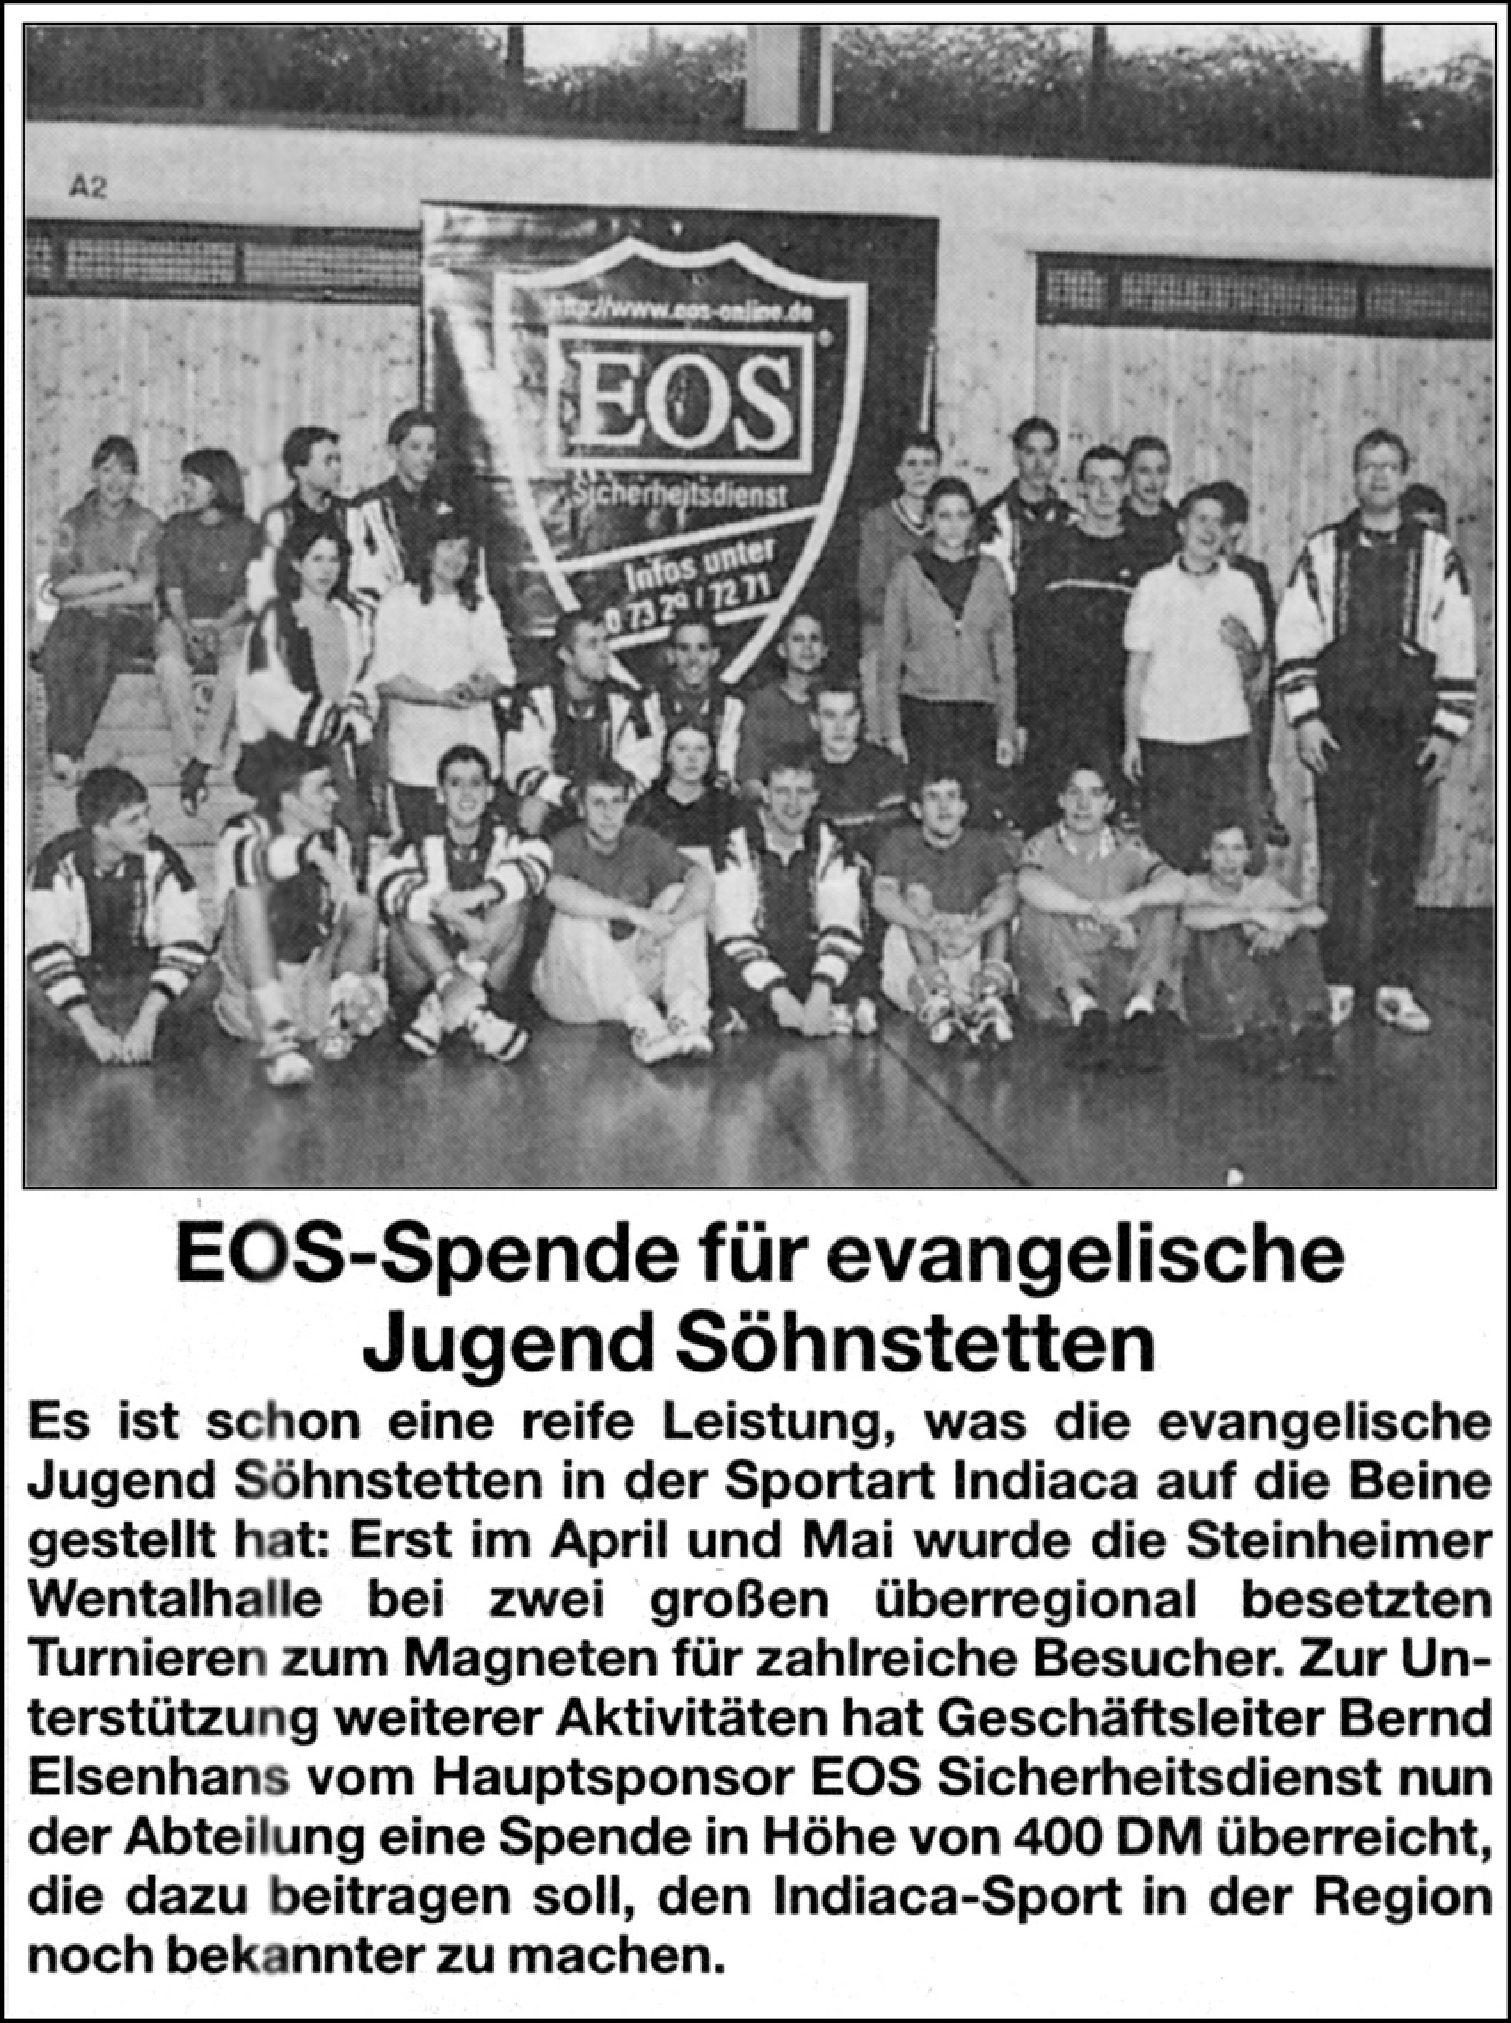 EOS-Spende für evang. Jugend Söhnstetten